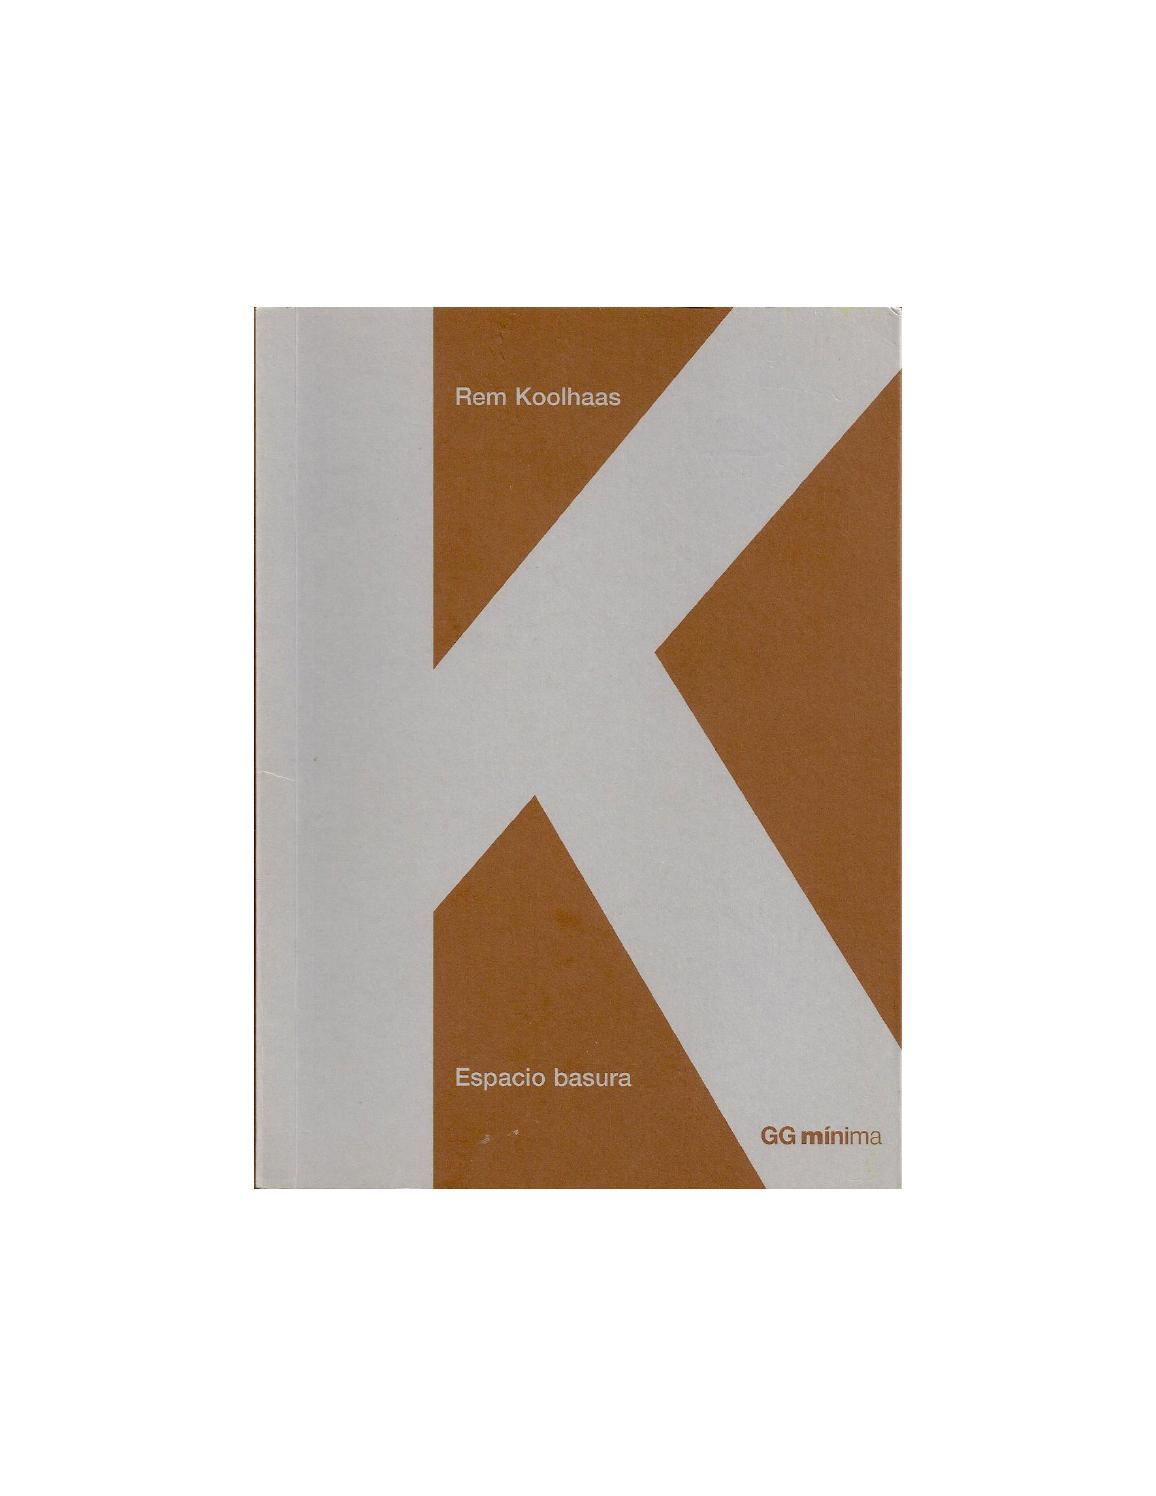 Koolhaas, r (2002) espacio basura